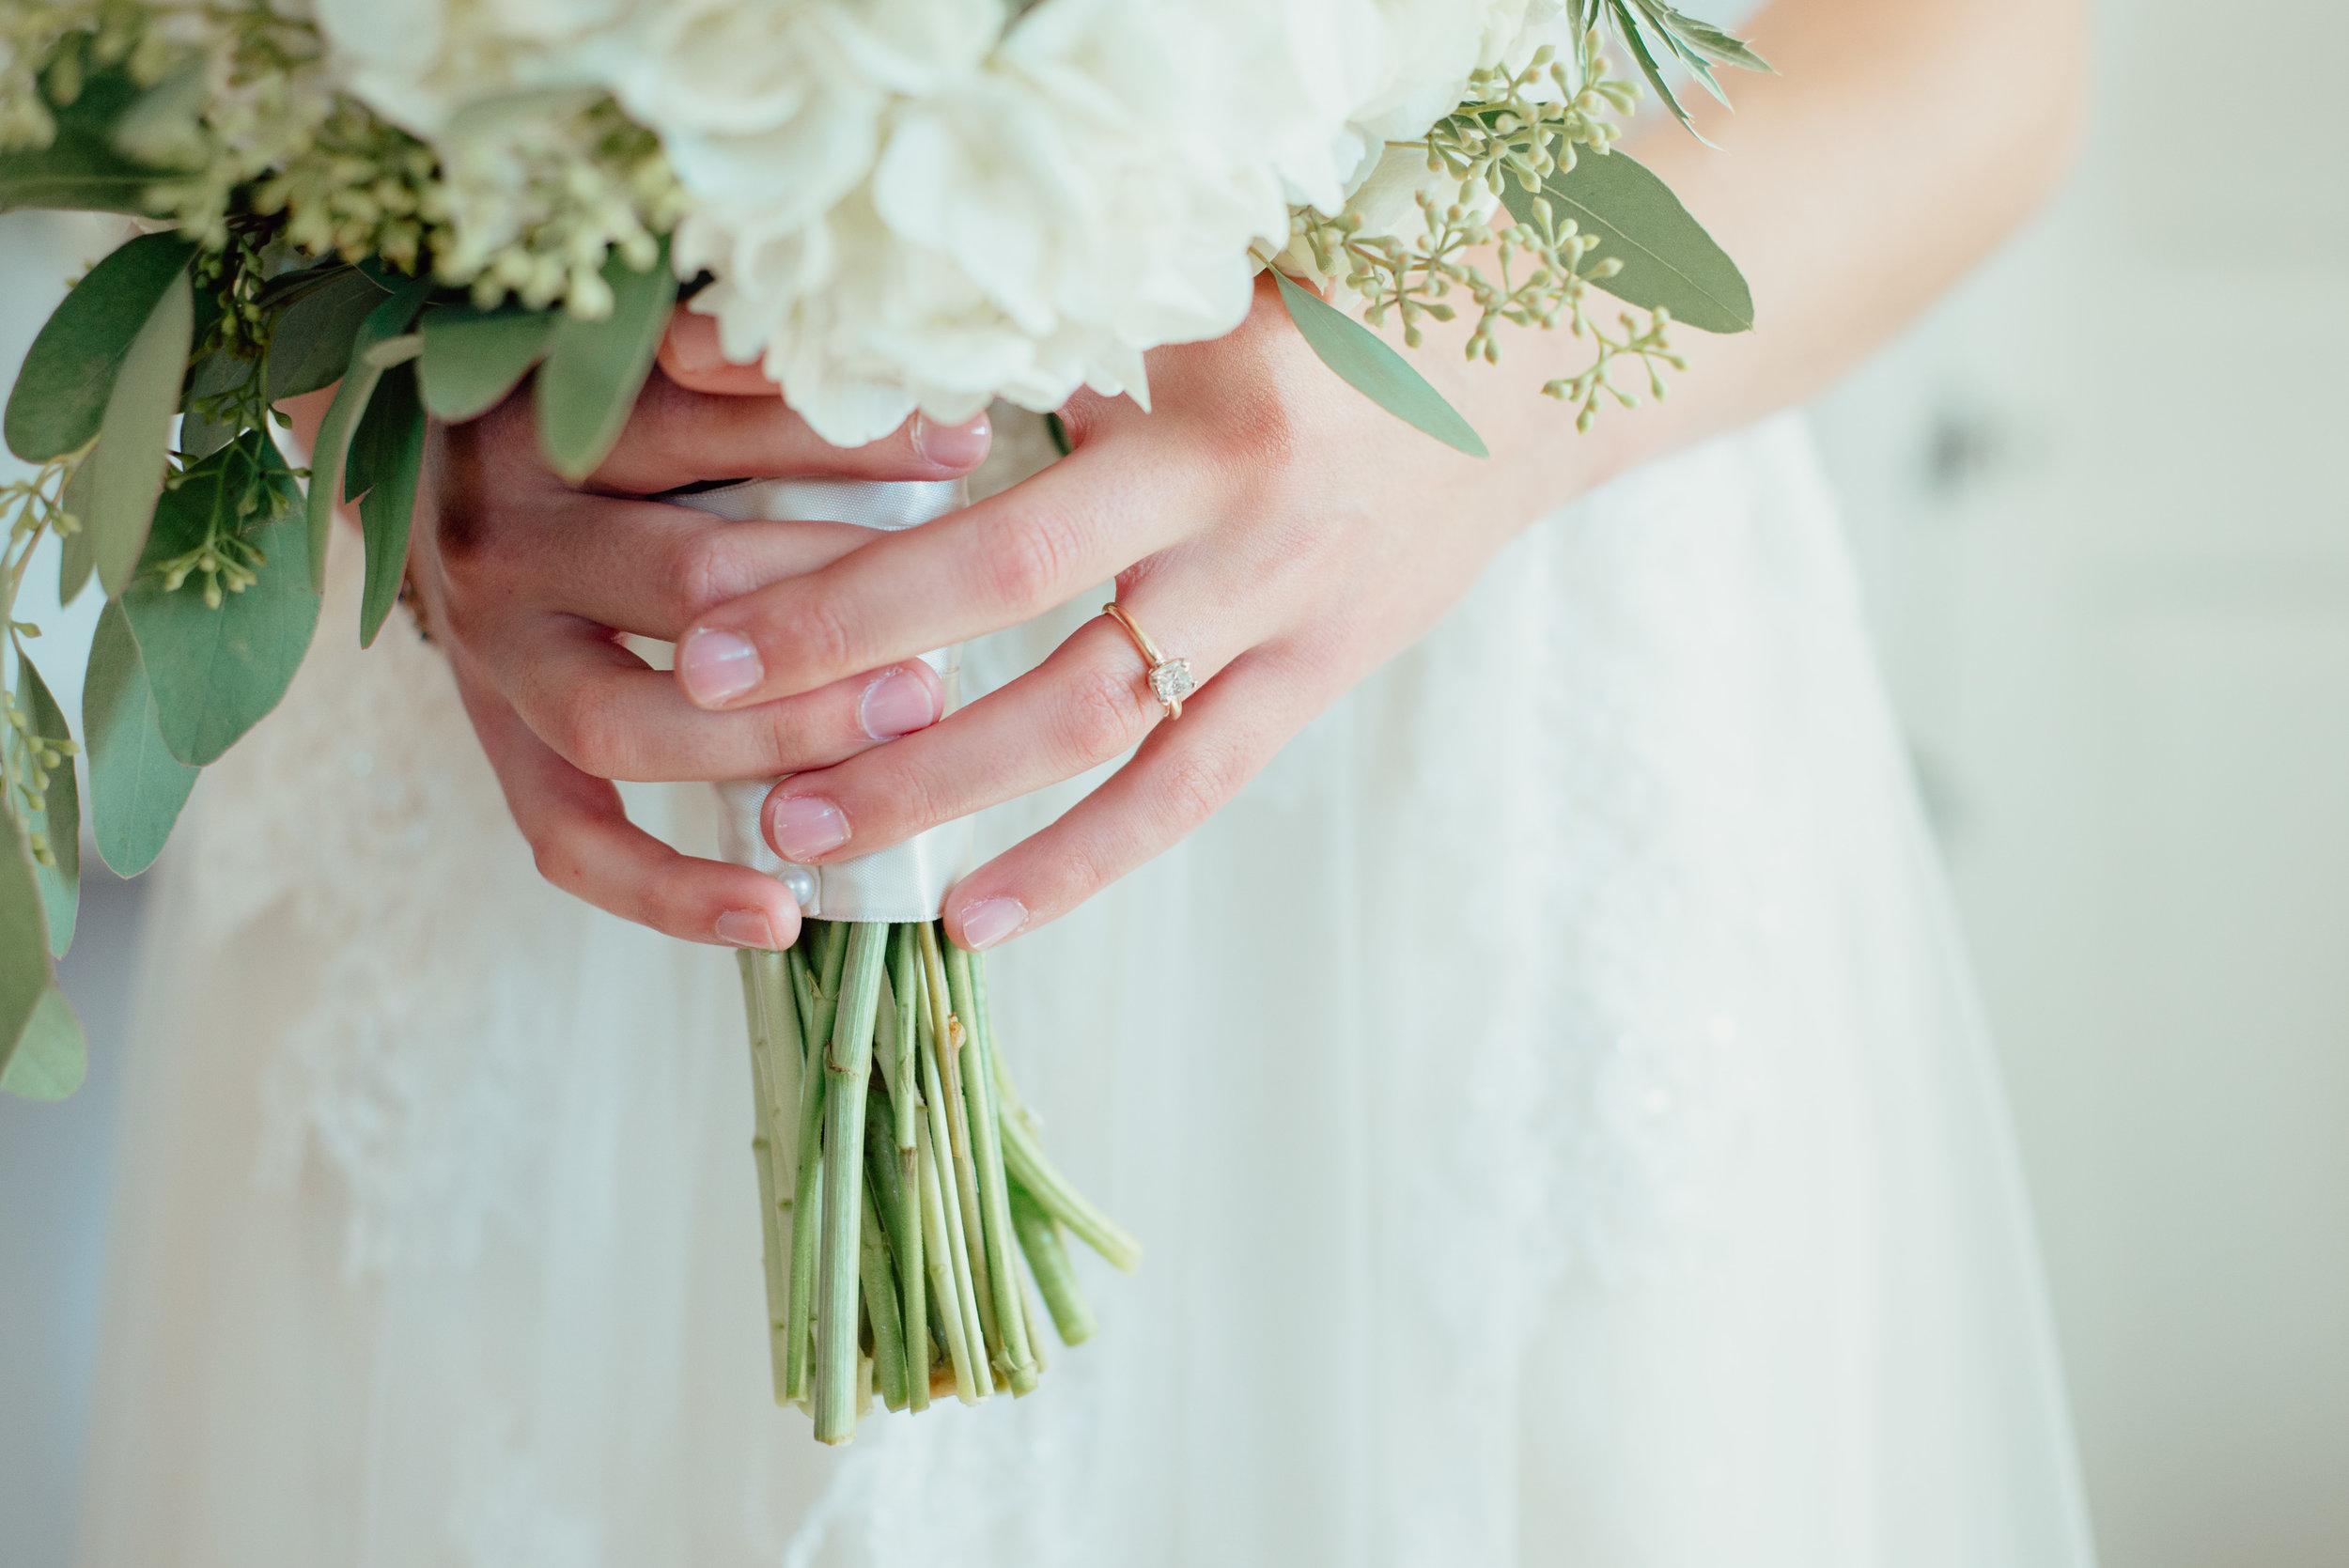 cleland-studios-weddings-5.jpg